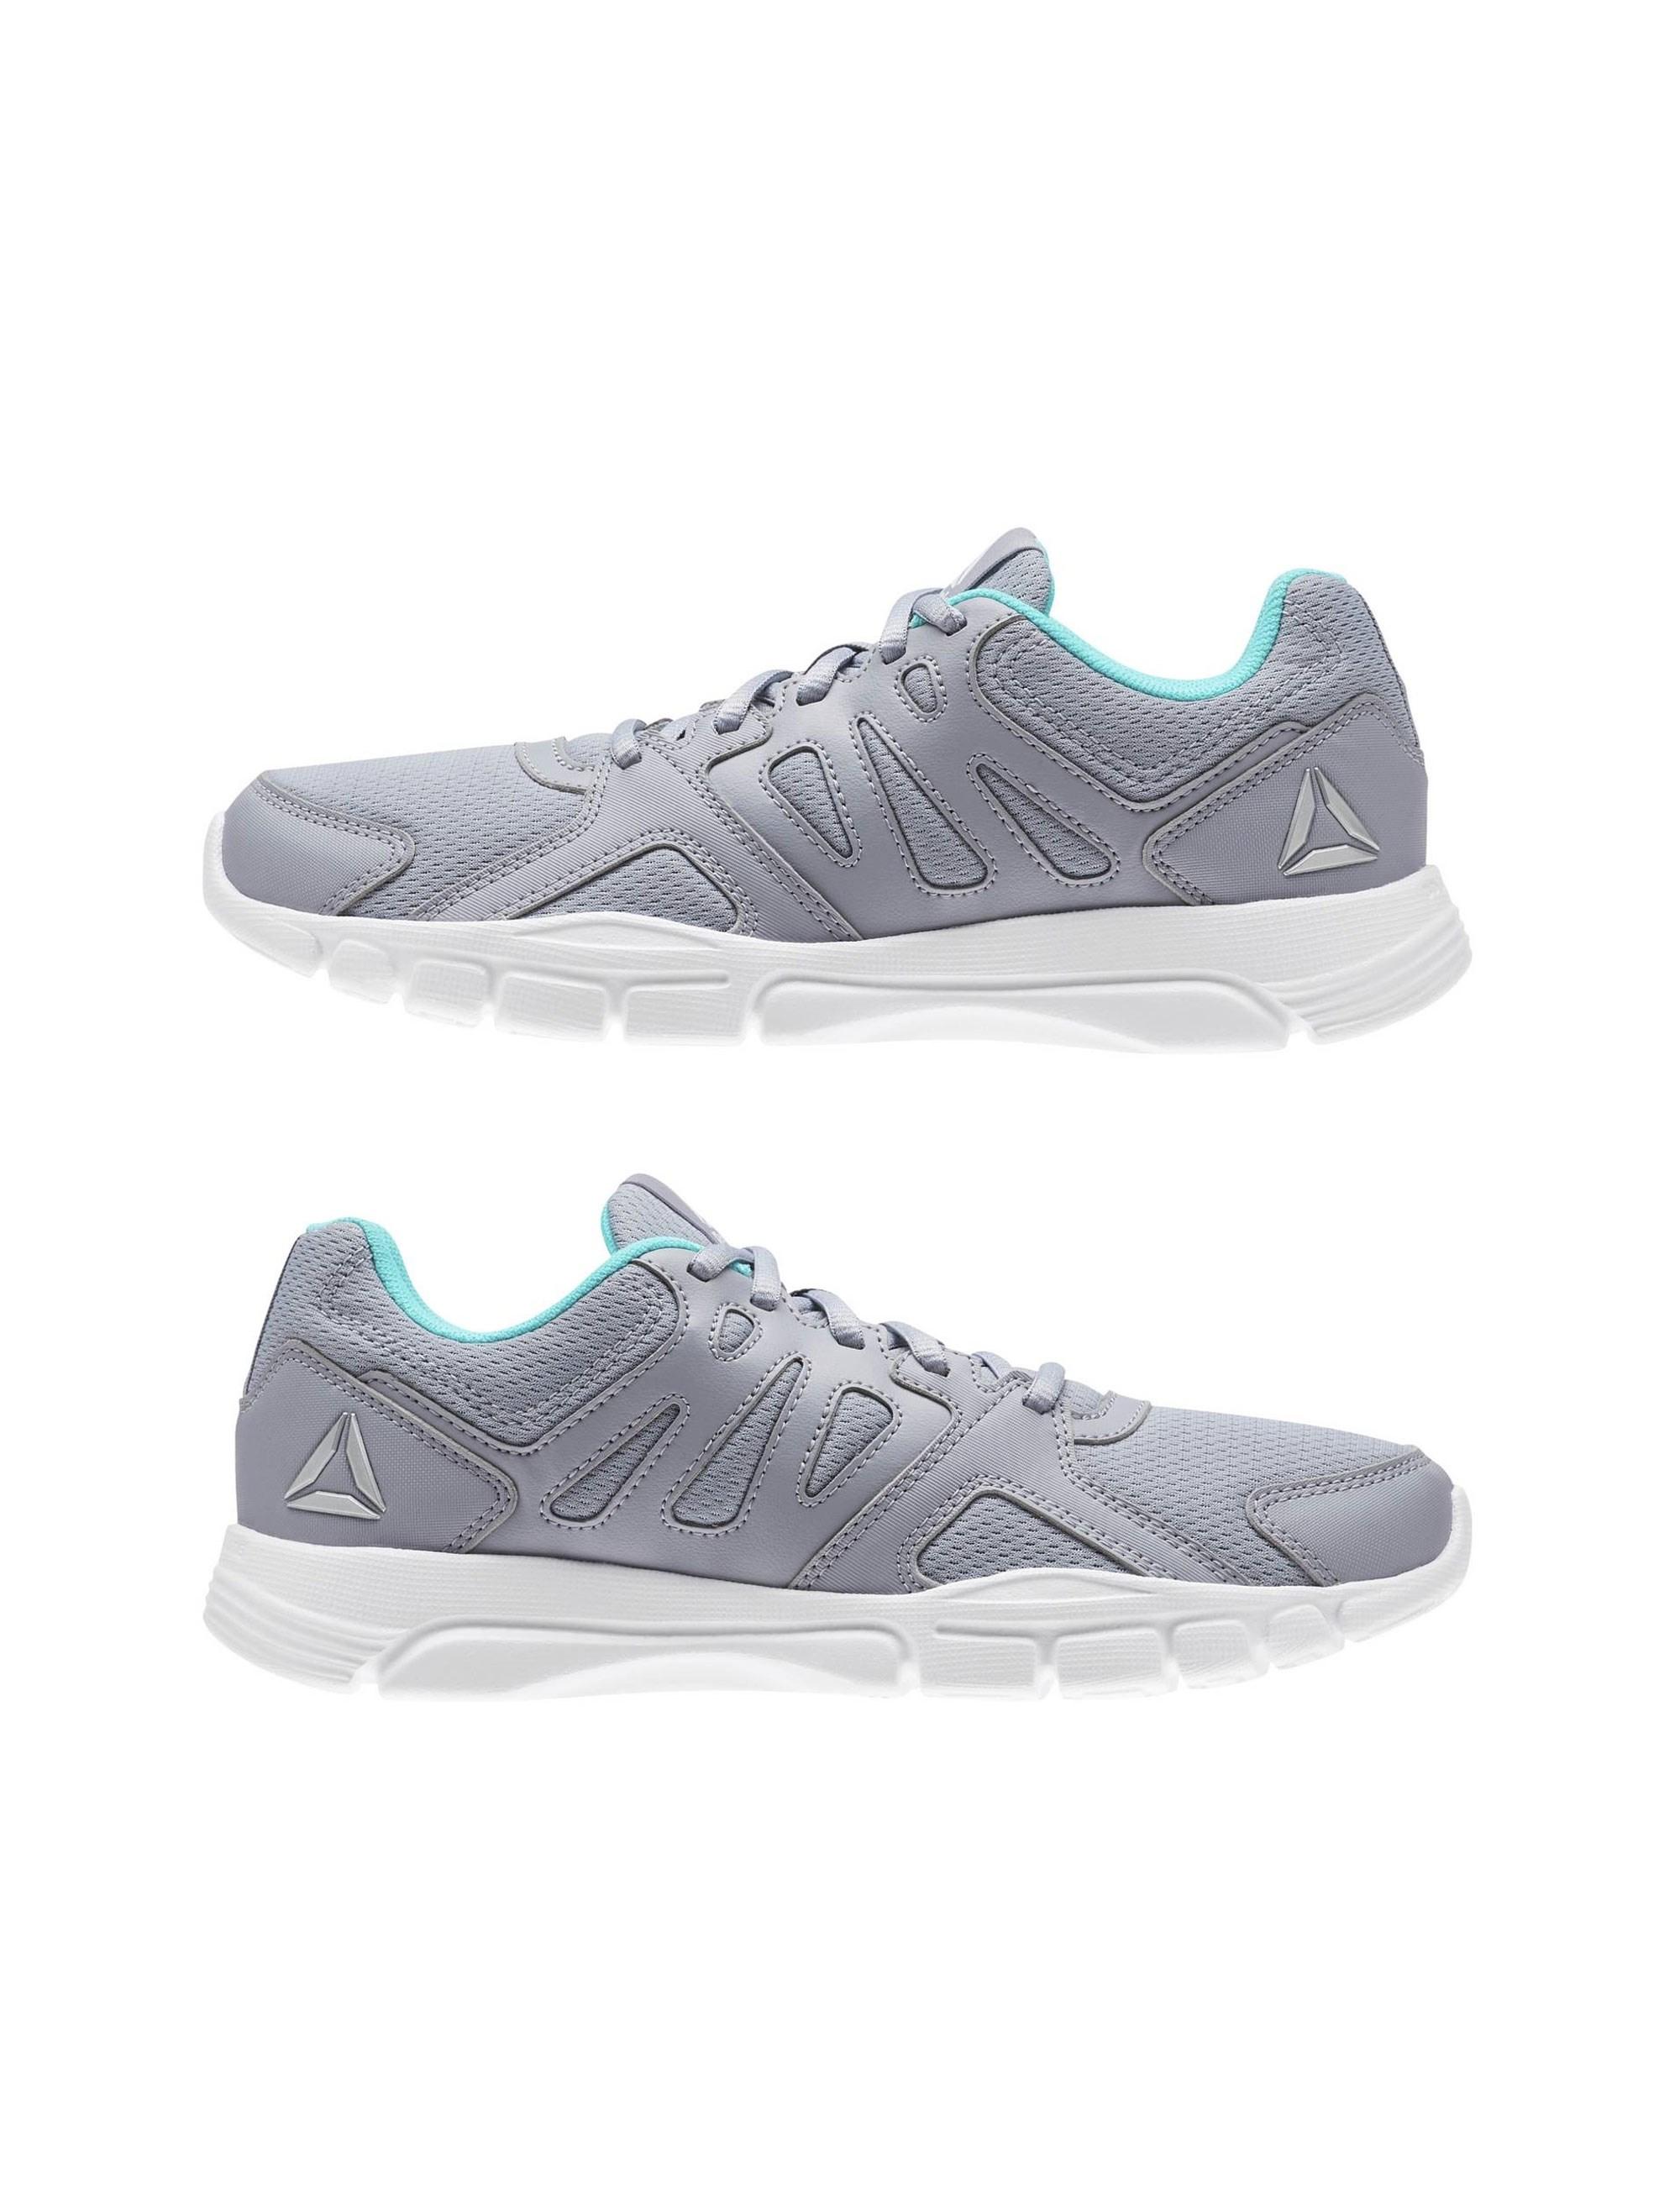 کفش تنیس زنانه Trainfusion Nine 3-0 - ریباک